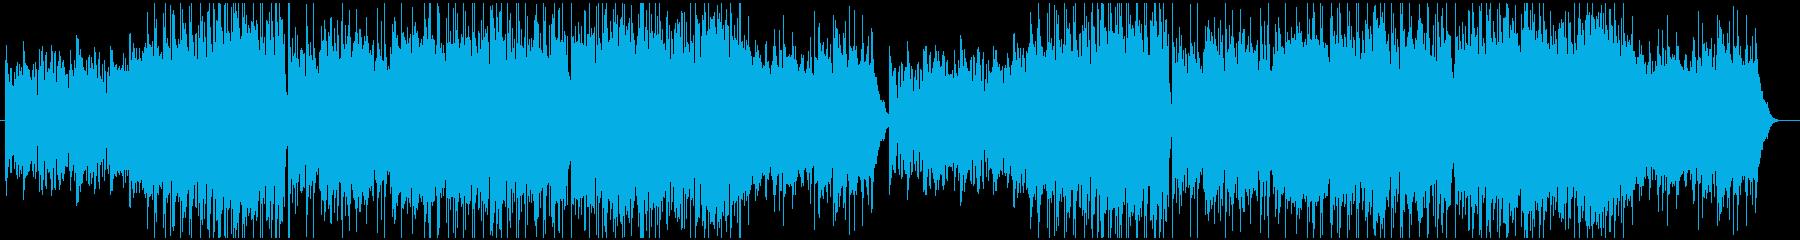 切ないケルト曲の再生済みの波形